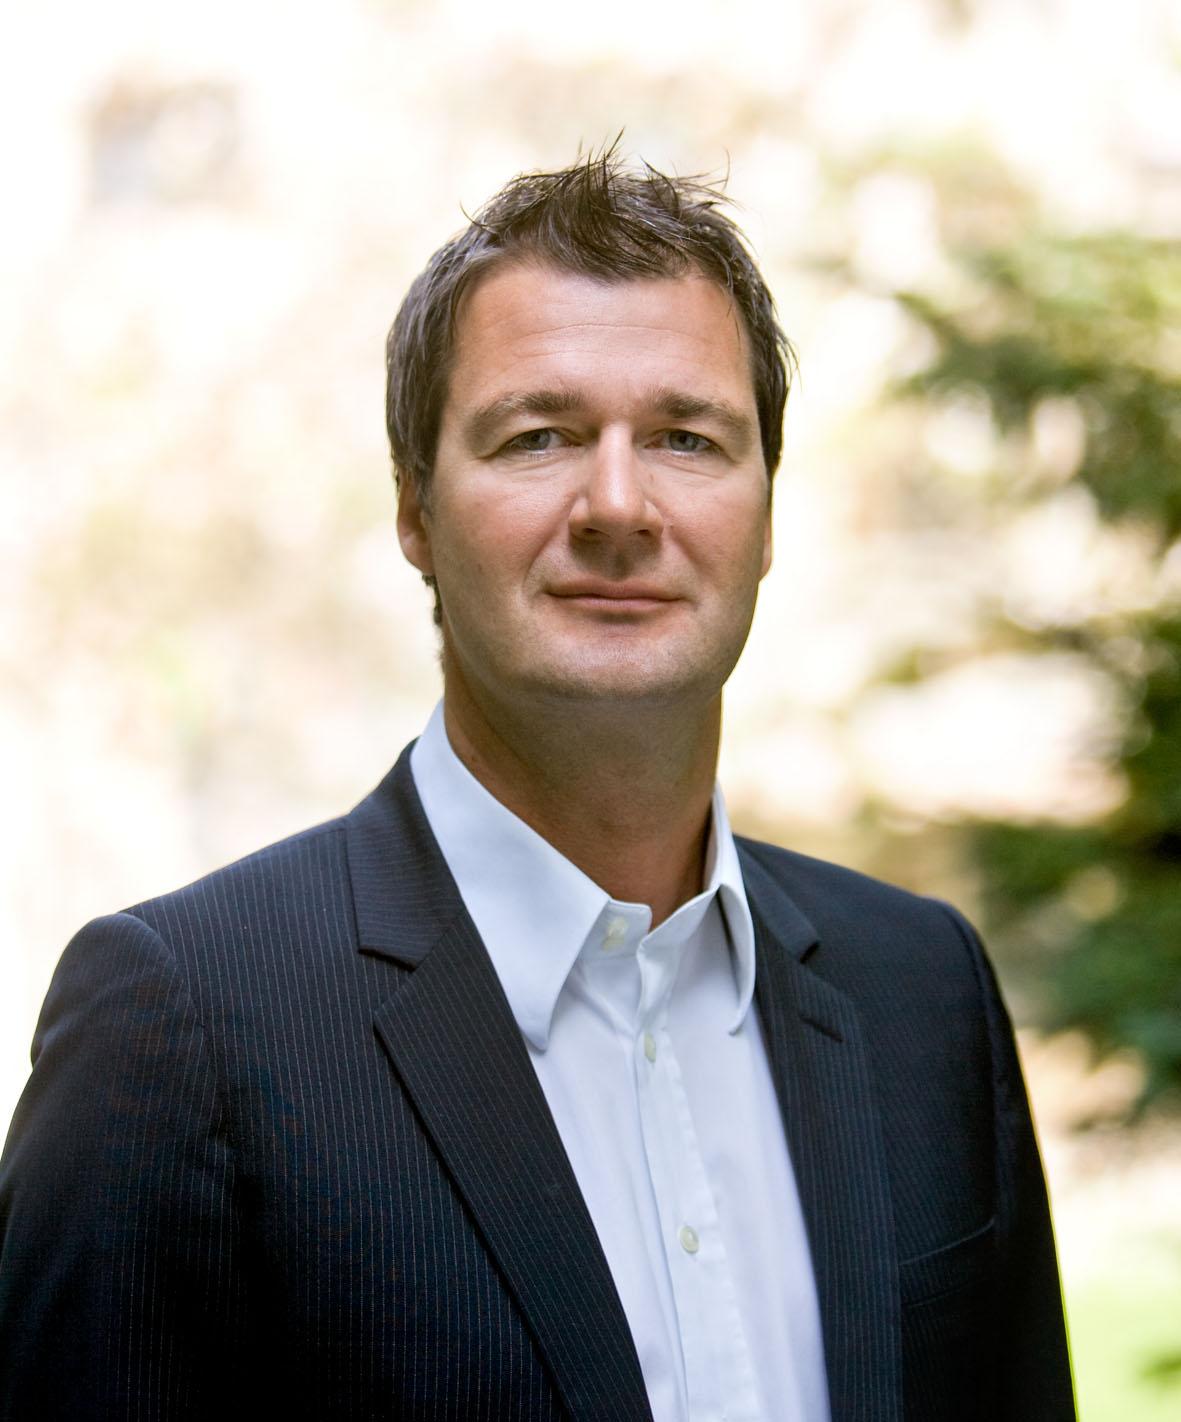 Sjefen for Qvest Media heter Peter Nöthen og du kan møte han på IBC2018.